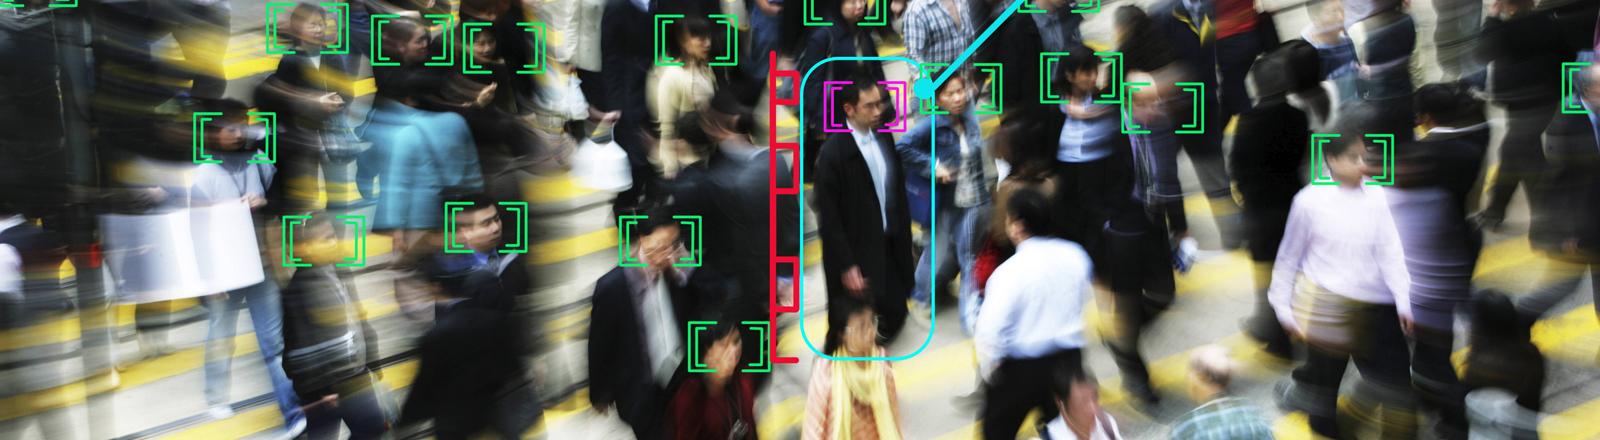 Foto von Menschen, die Gesichter sind über eine Kamera erfasst.